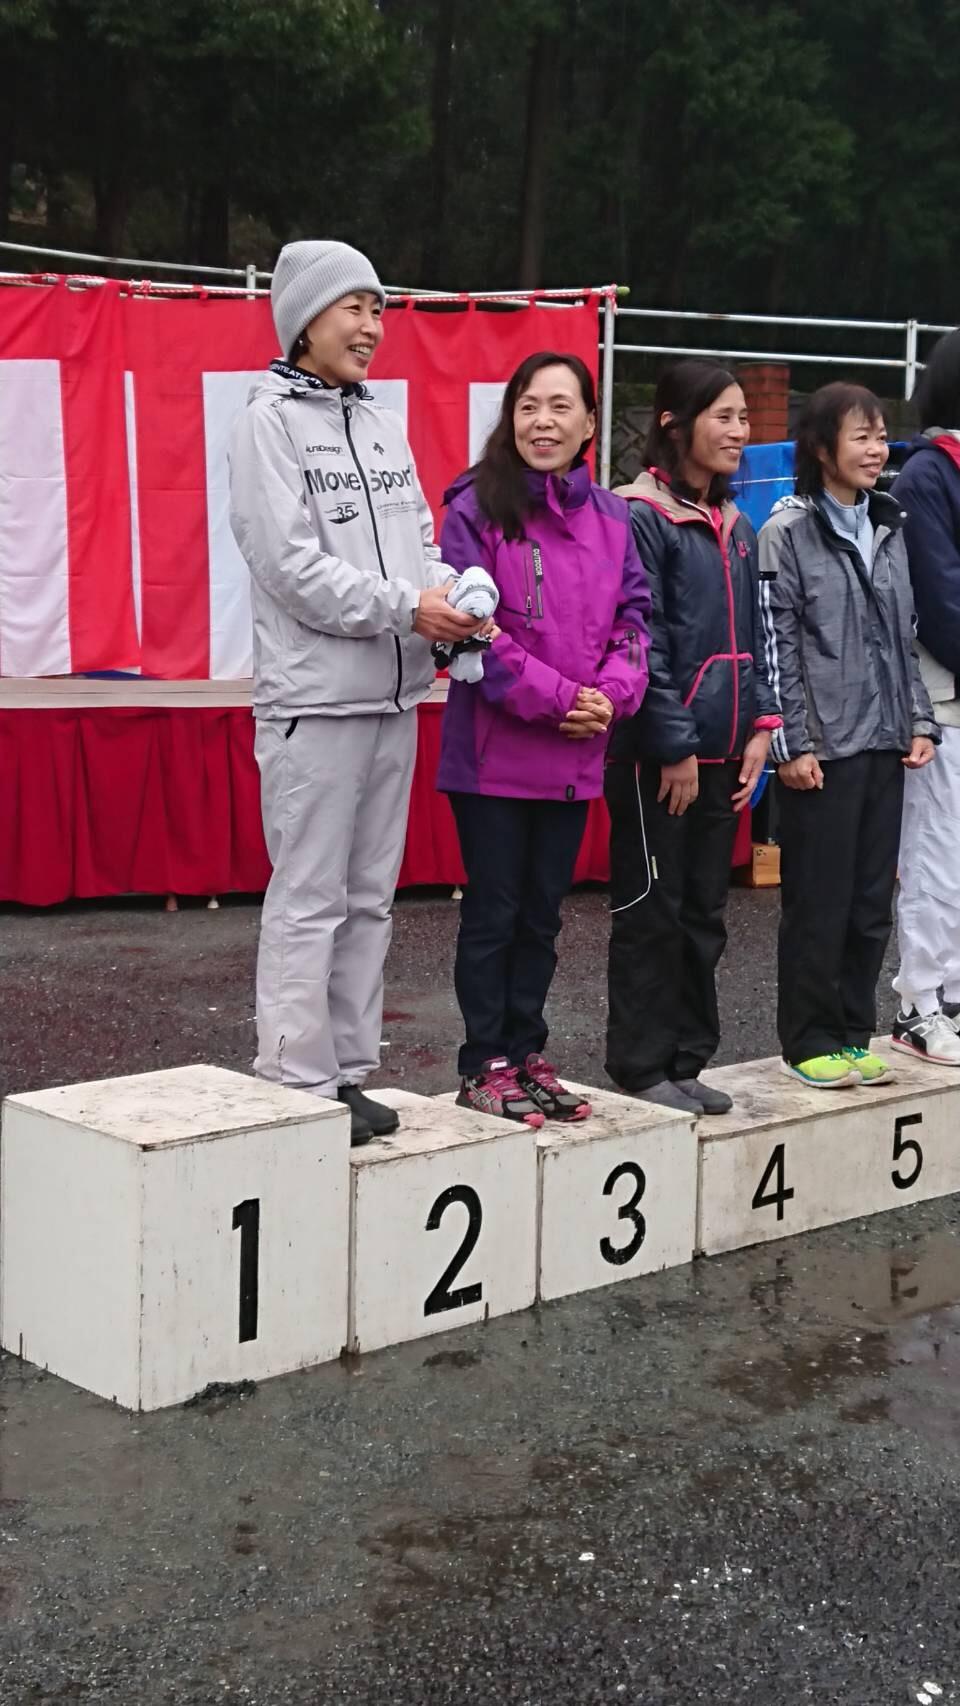 第44回兵庫市川マラソン全国大会 tazさん1